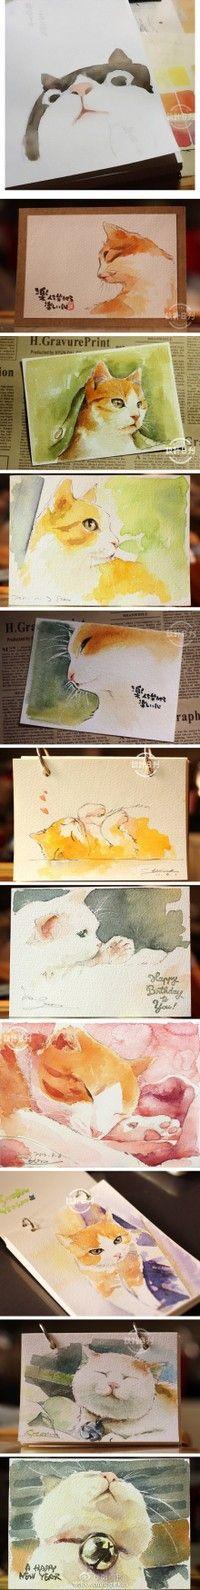 和好朋友用水彩颜料晕染出的抽象龙猫 哈哈 …_来自幸福铃兰的图片分享-堆糖网